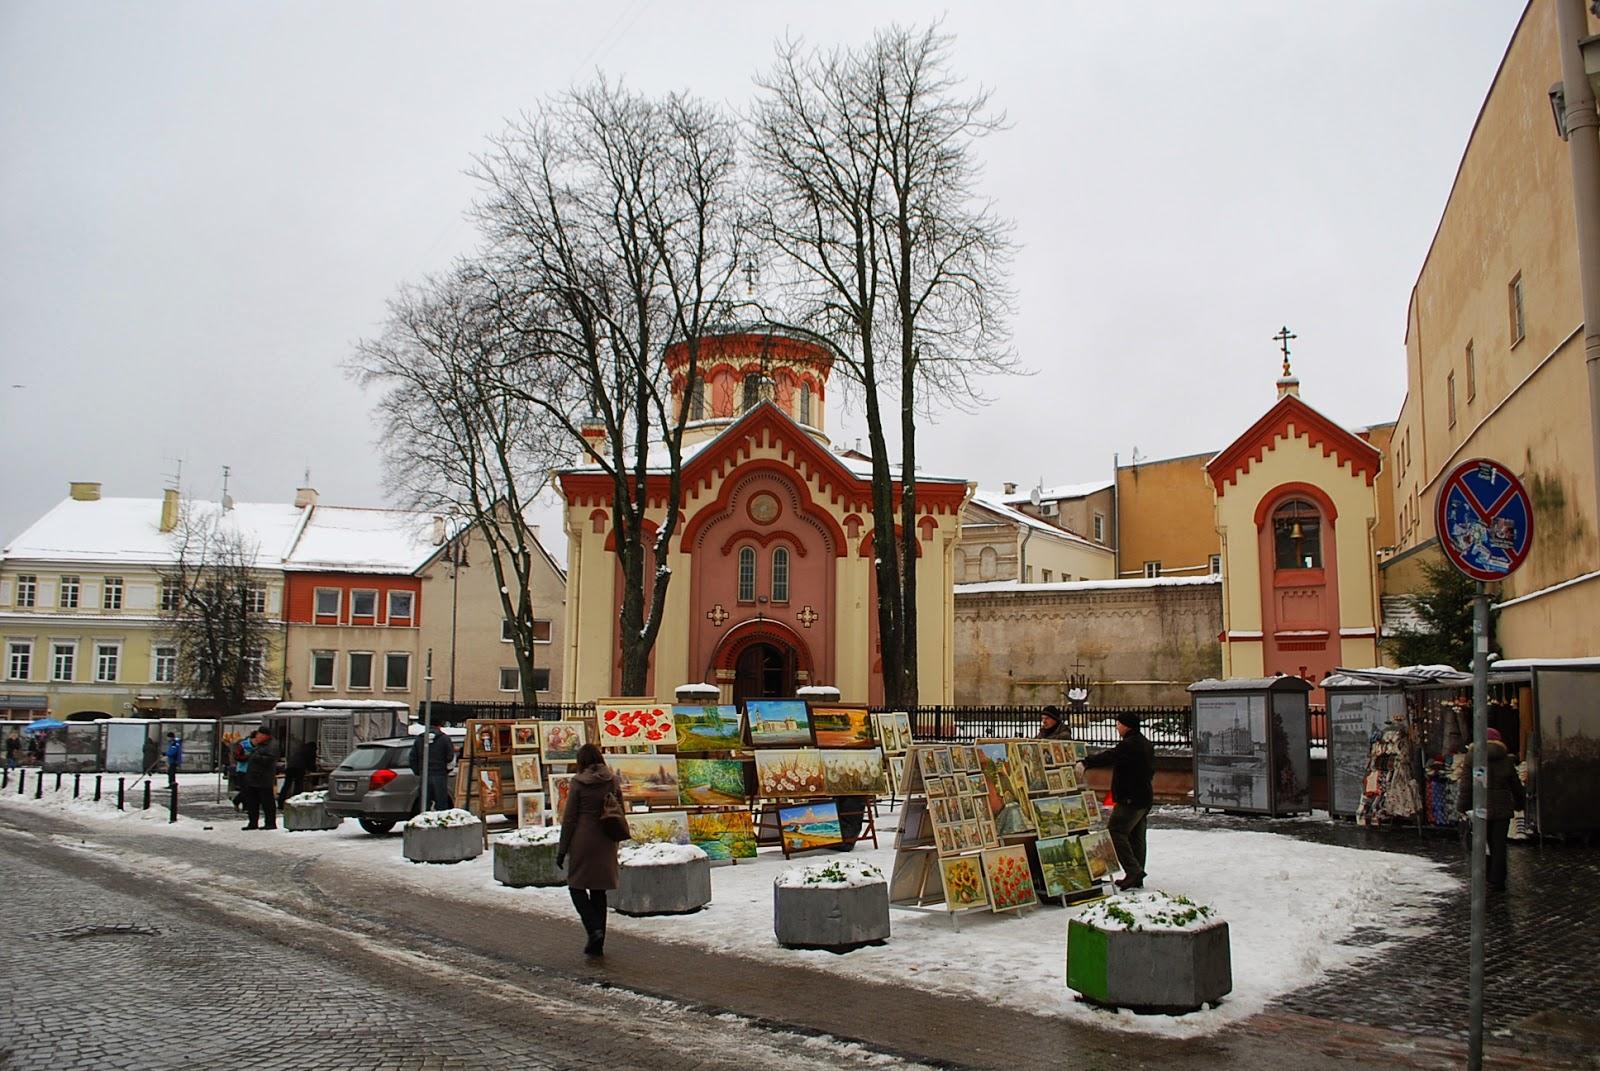 Пятницкая церковь (Храм во имя св. мученицы Параскевы Пятницкой), Вильнюс.